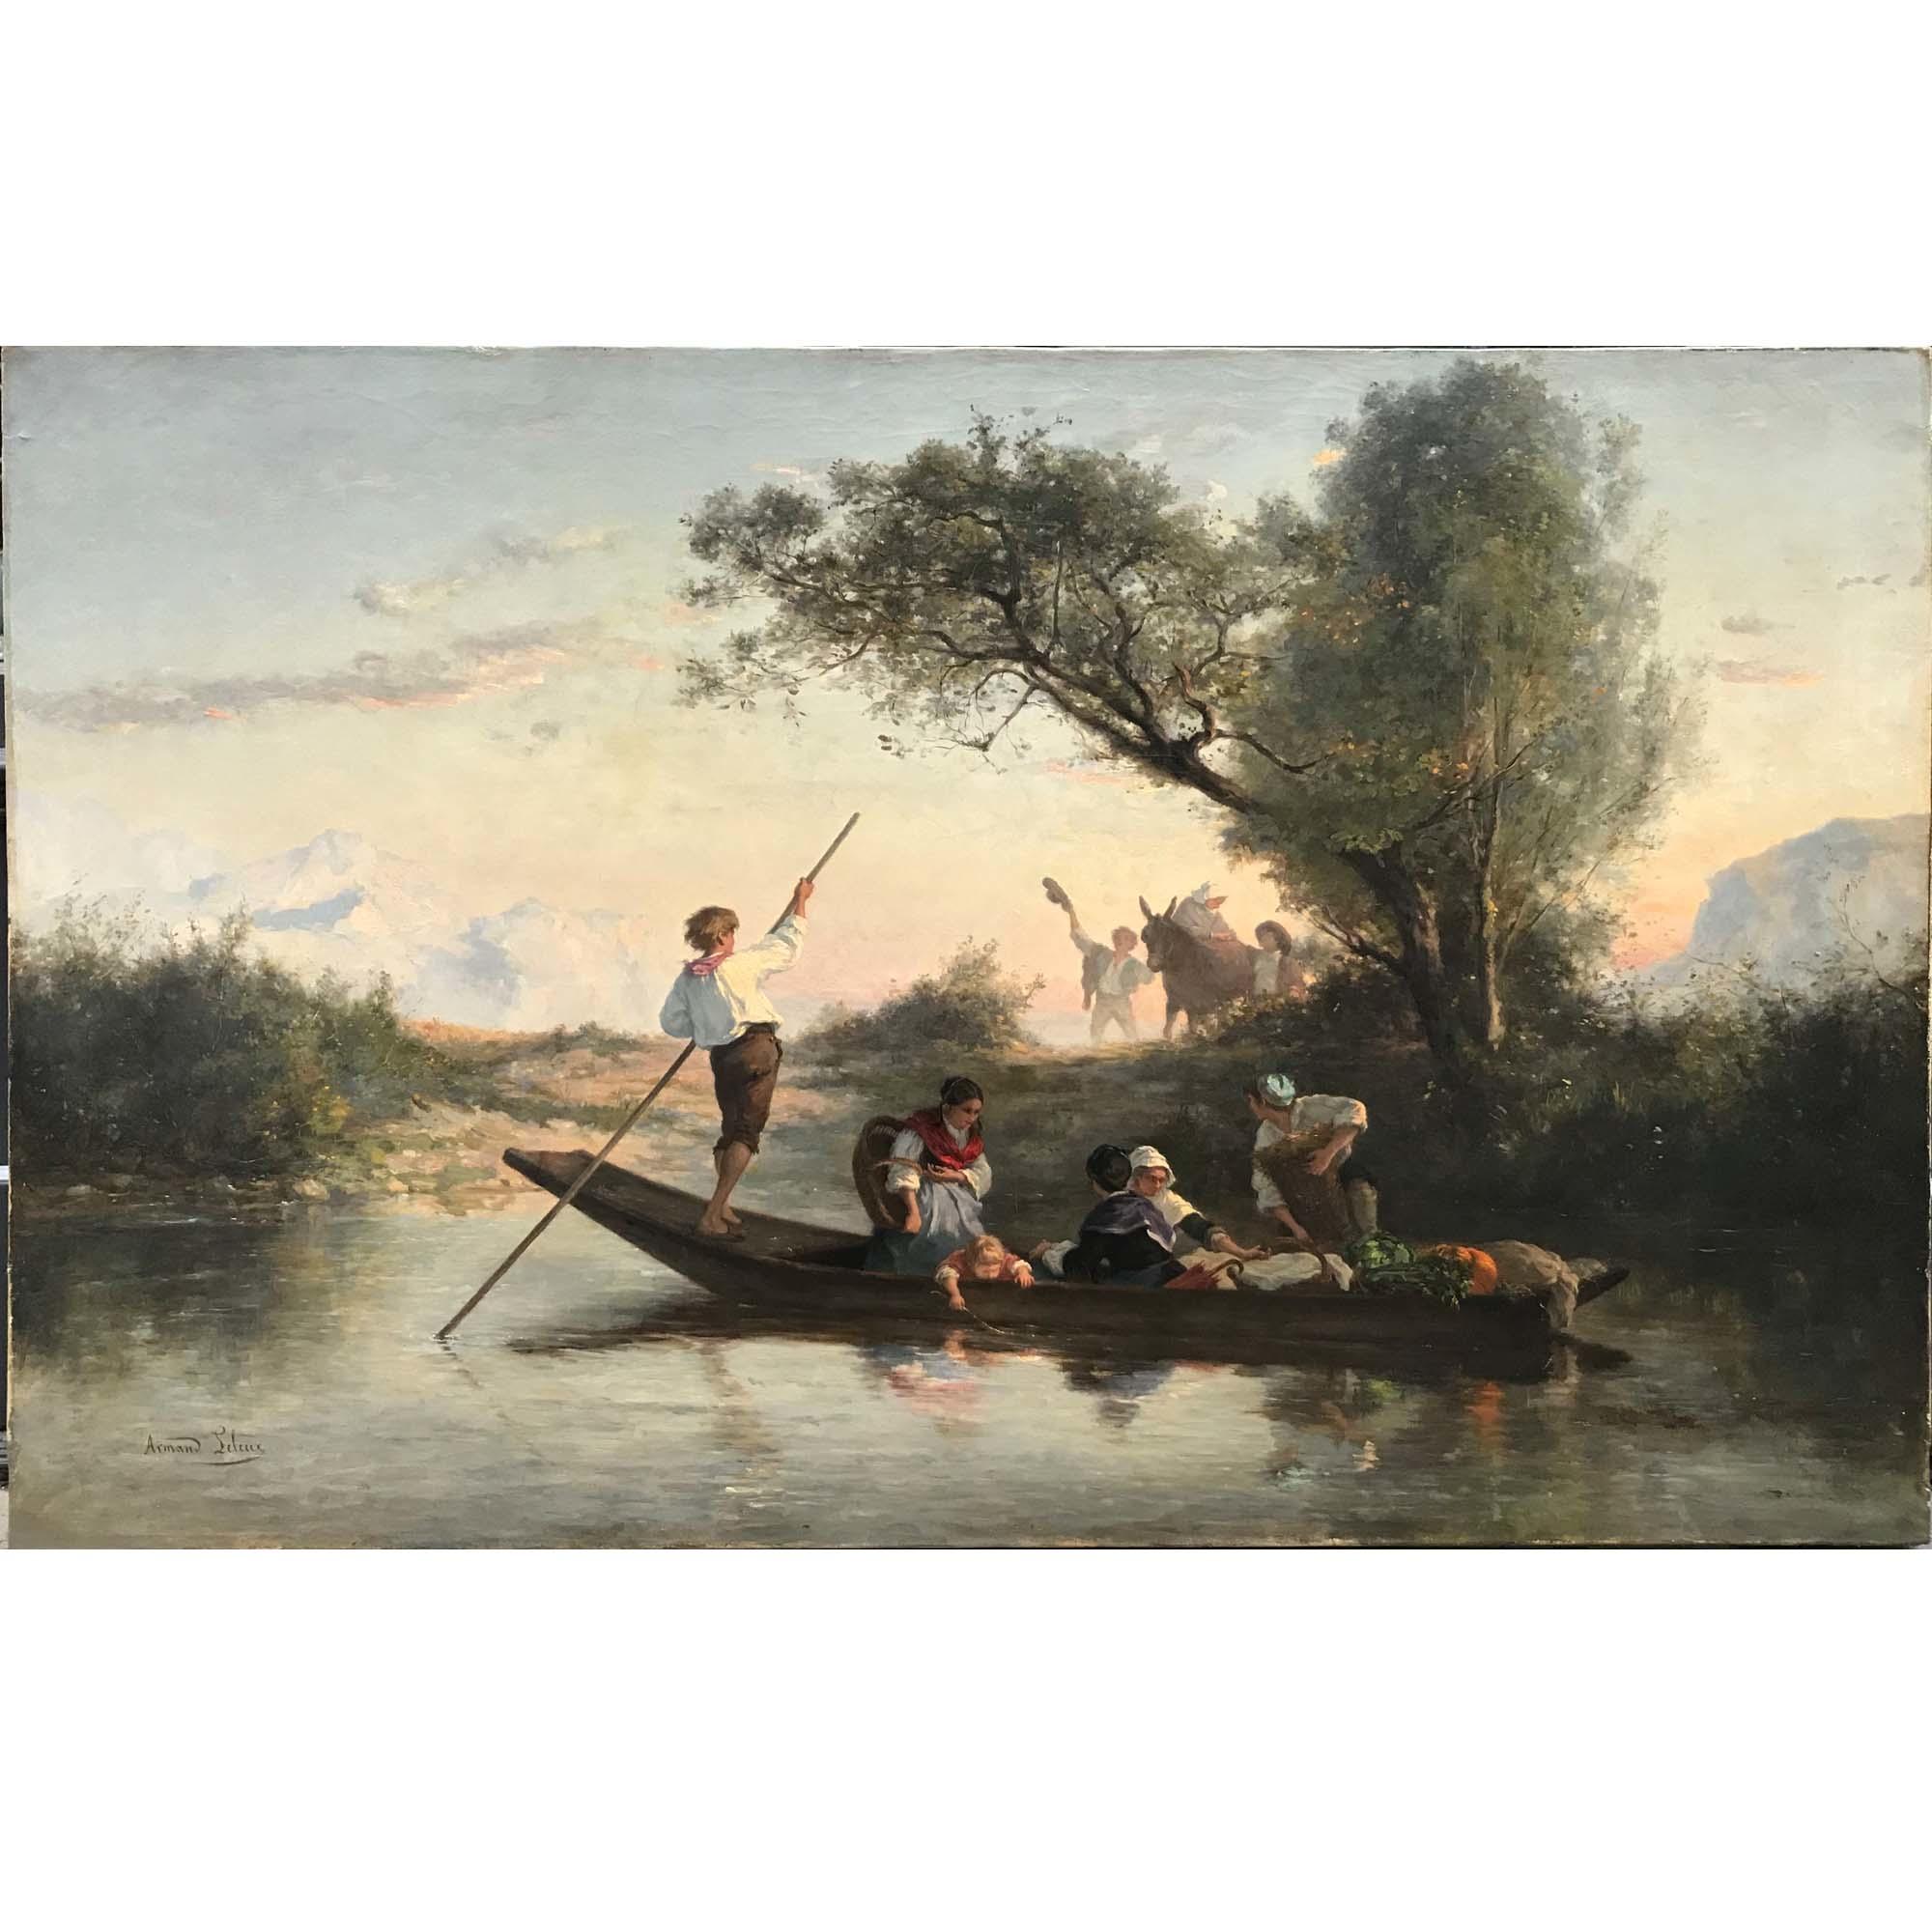 Vendu/Sold  Armand Leleux, Promenade en barque, vers 1840